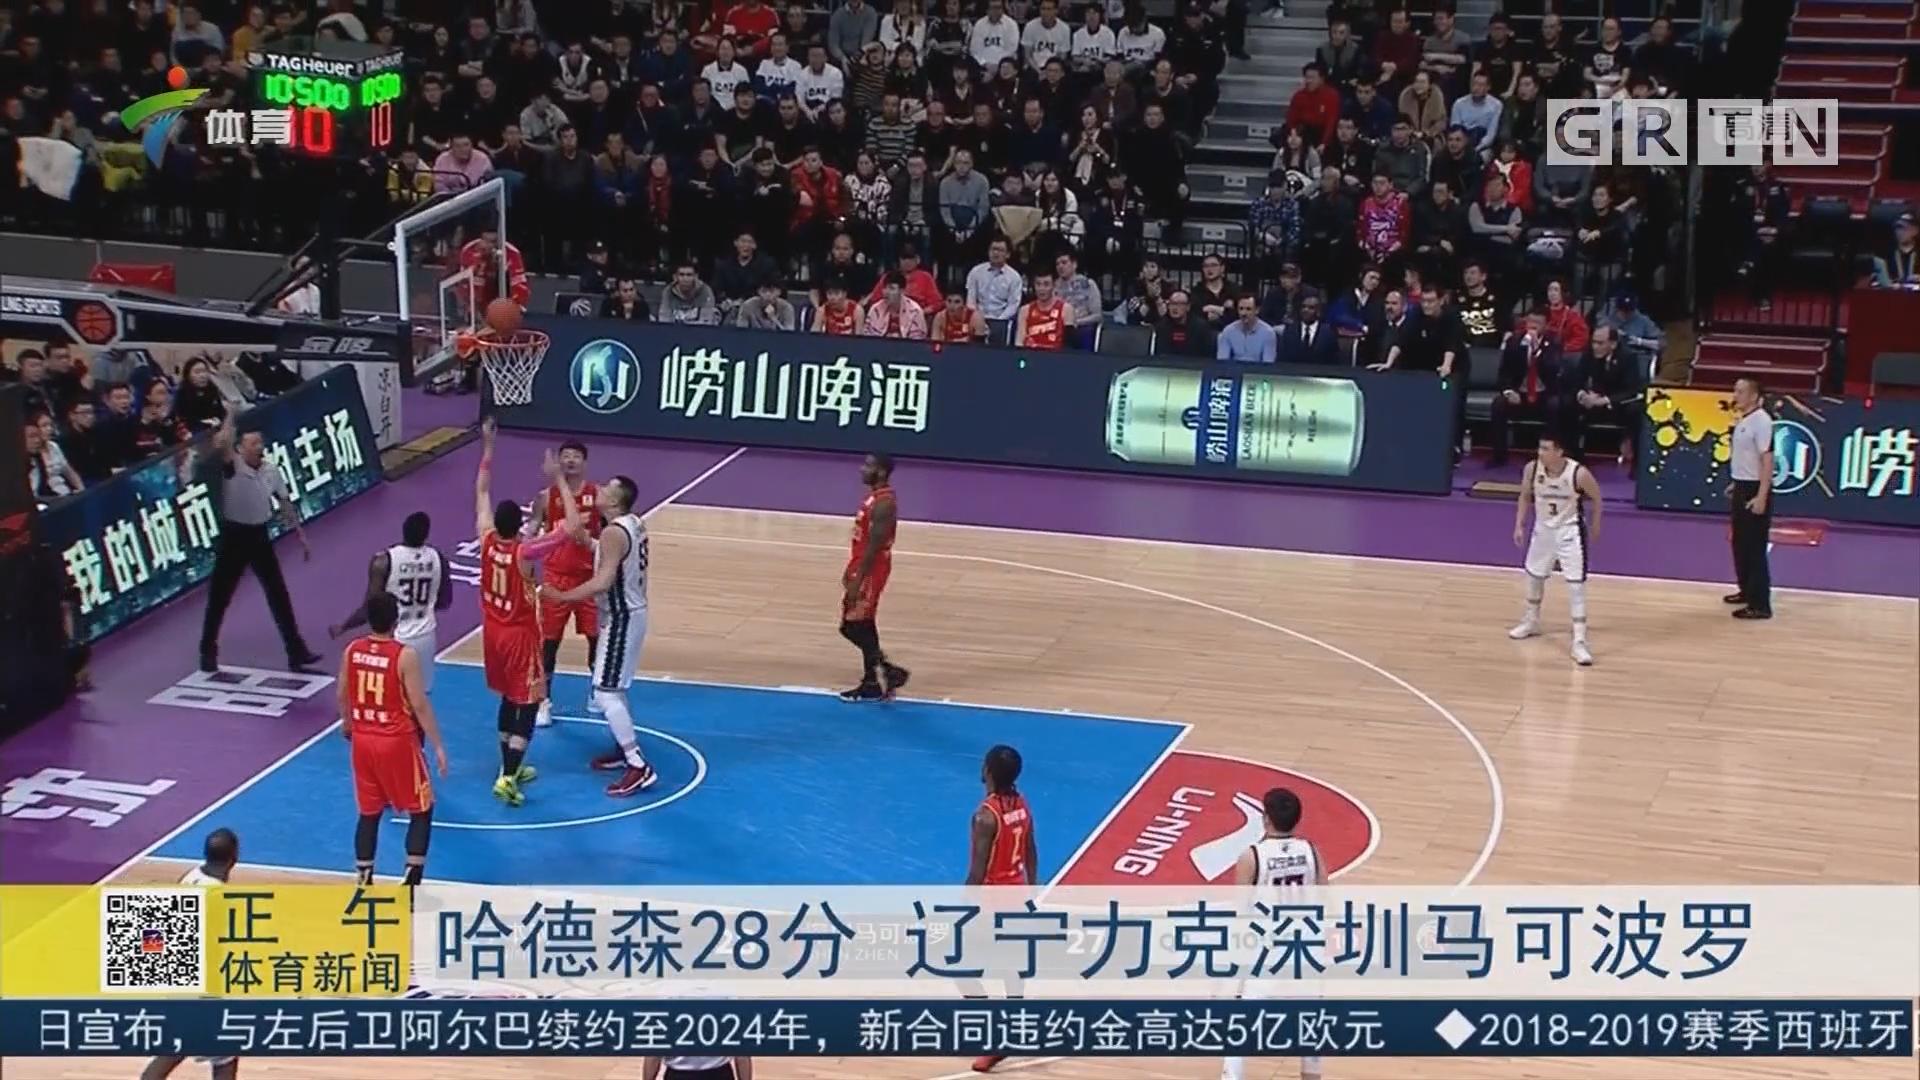 哈德森28分 辽宁力克深圳马可波罗